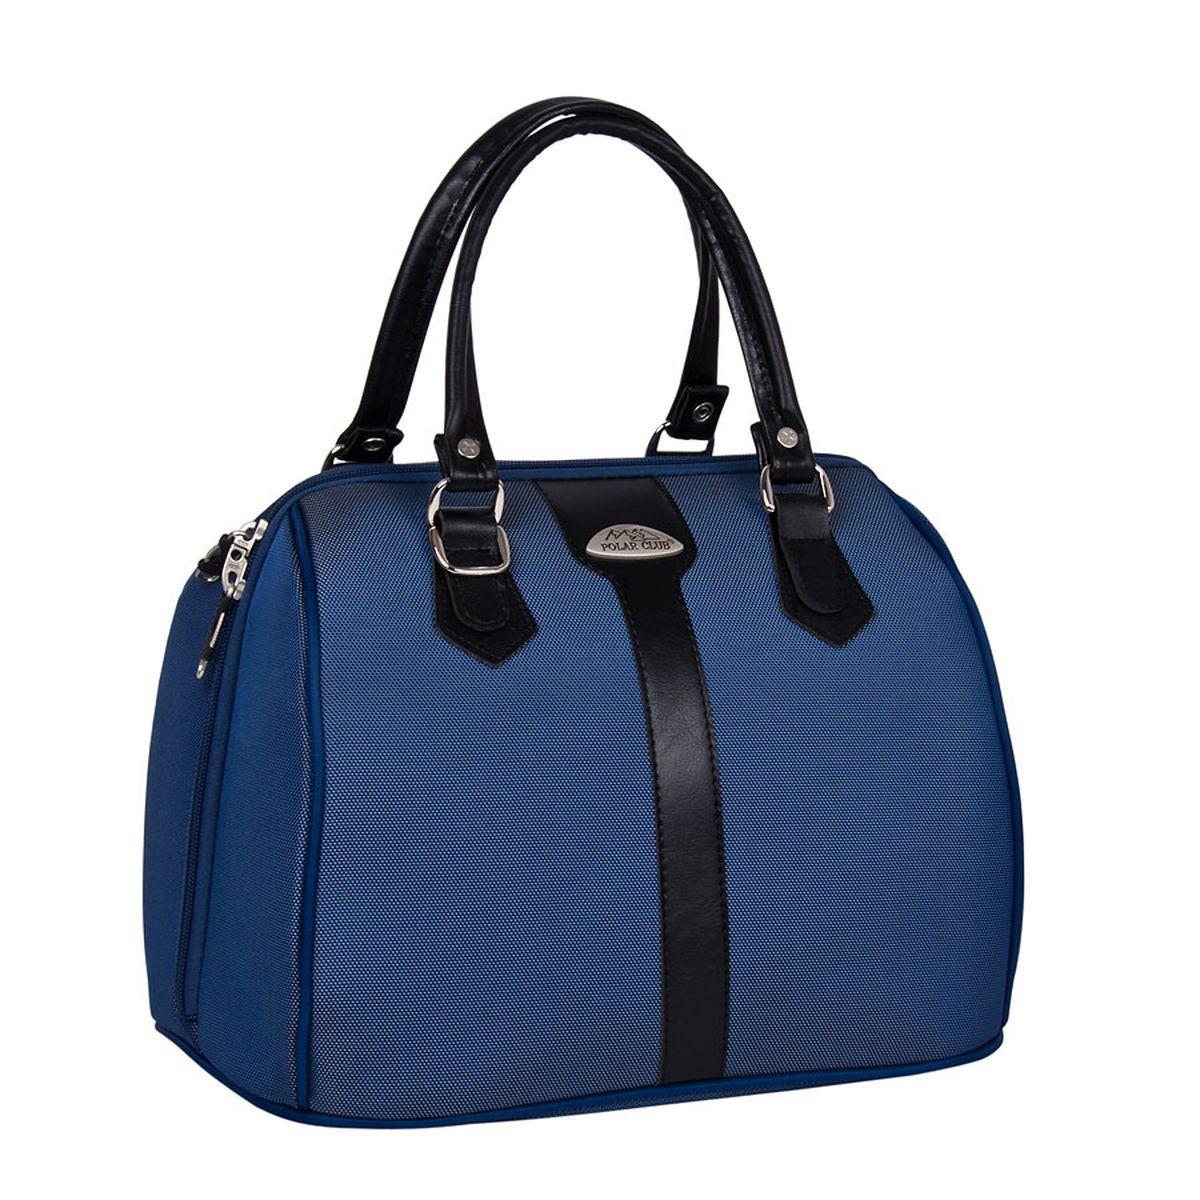 Бьюти-кейс Polar, цвет: синий, 19 л. 7028.57028.5_синийВместительный и удобный бьюти – кейс фирмы Polar. Выполнен из высокопрочного материала кордура. Основное отделение с множеством дополнительных отделений и карманов внутри. Также предусмотрен карман на молнии с внешней стороны для фиксирования бьюти – кейса на ручке чемодана. Ручки выполнены из высококачественного кожзаменителя.